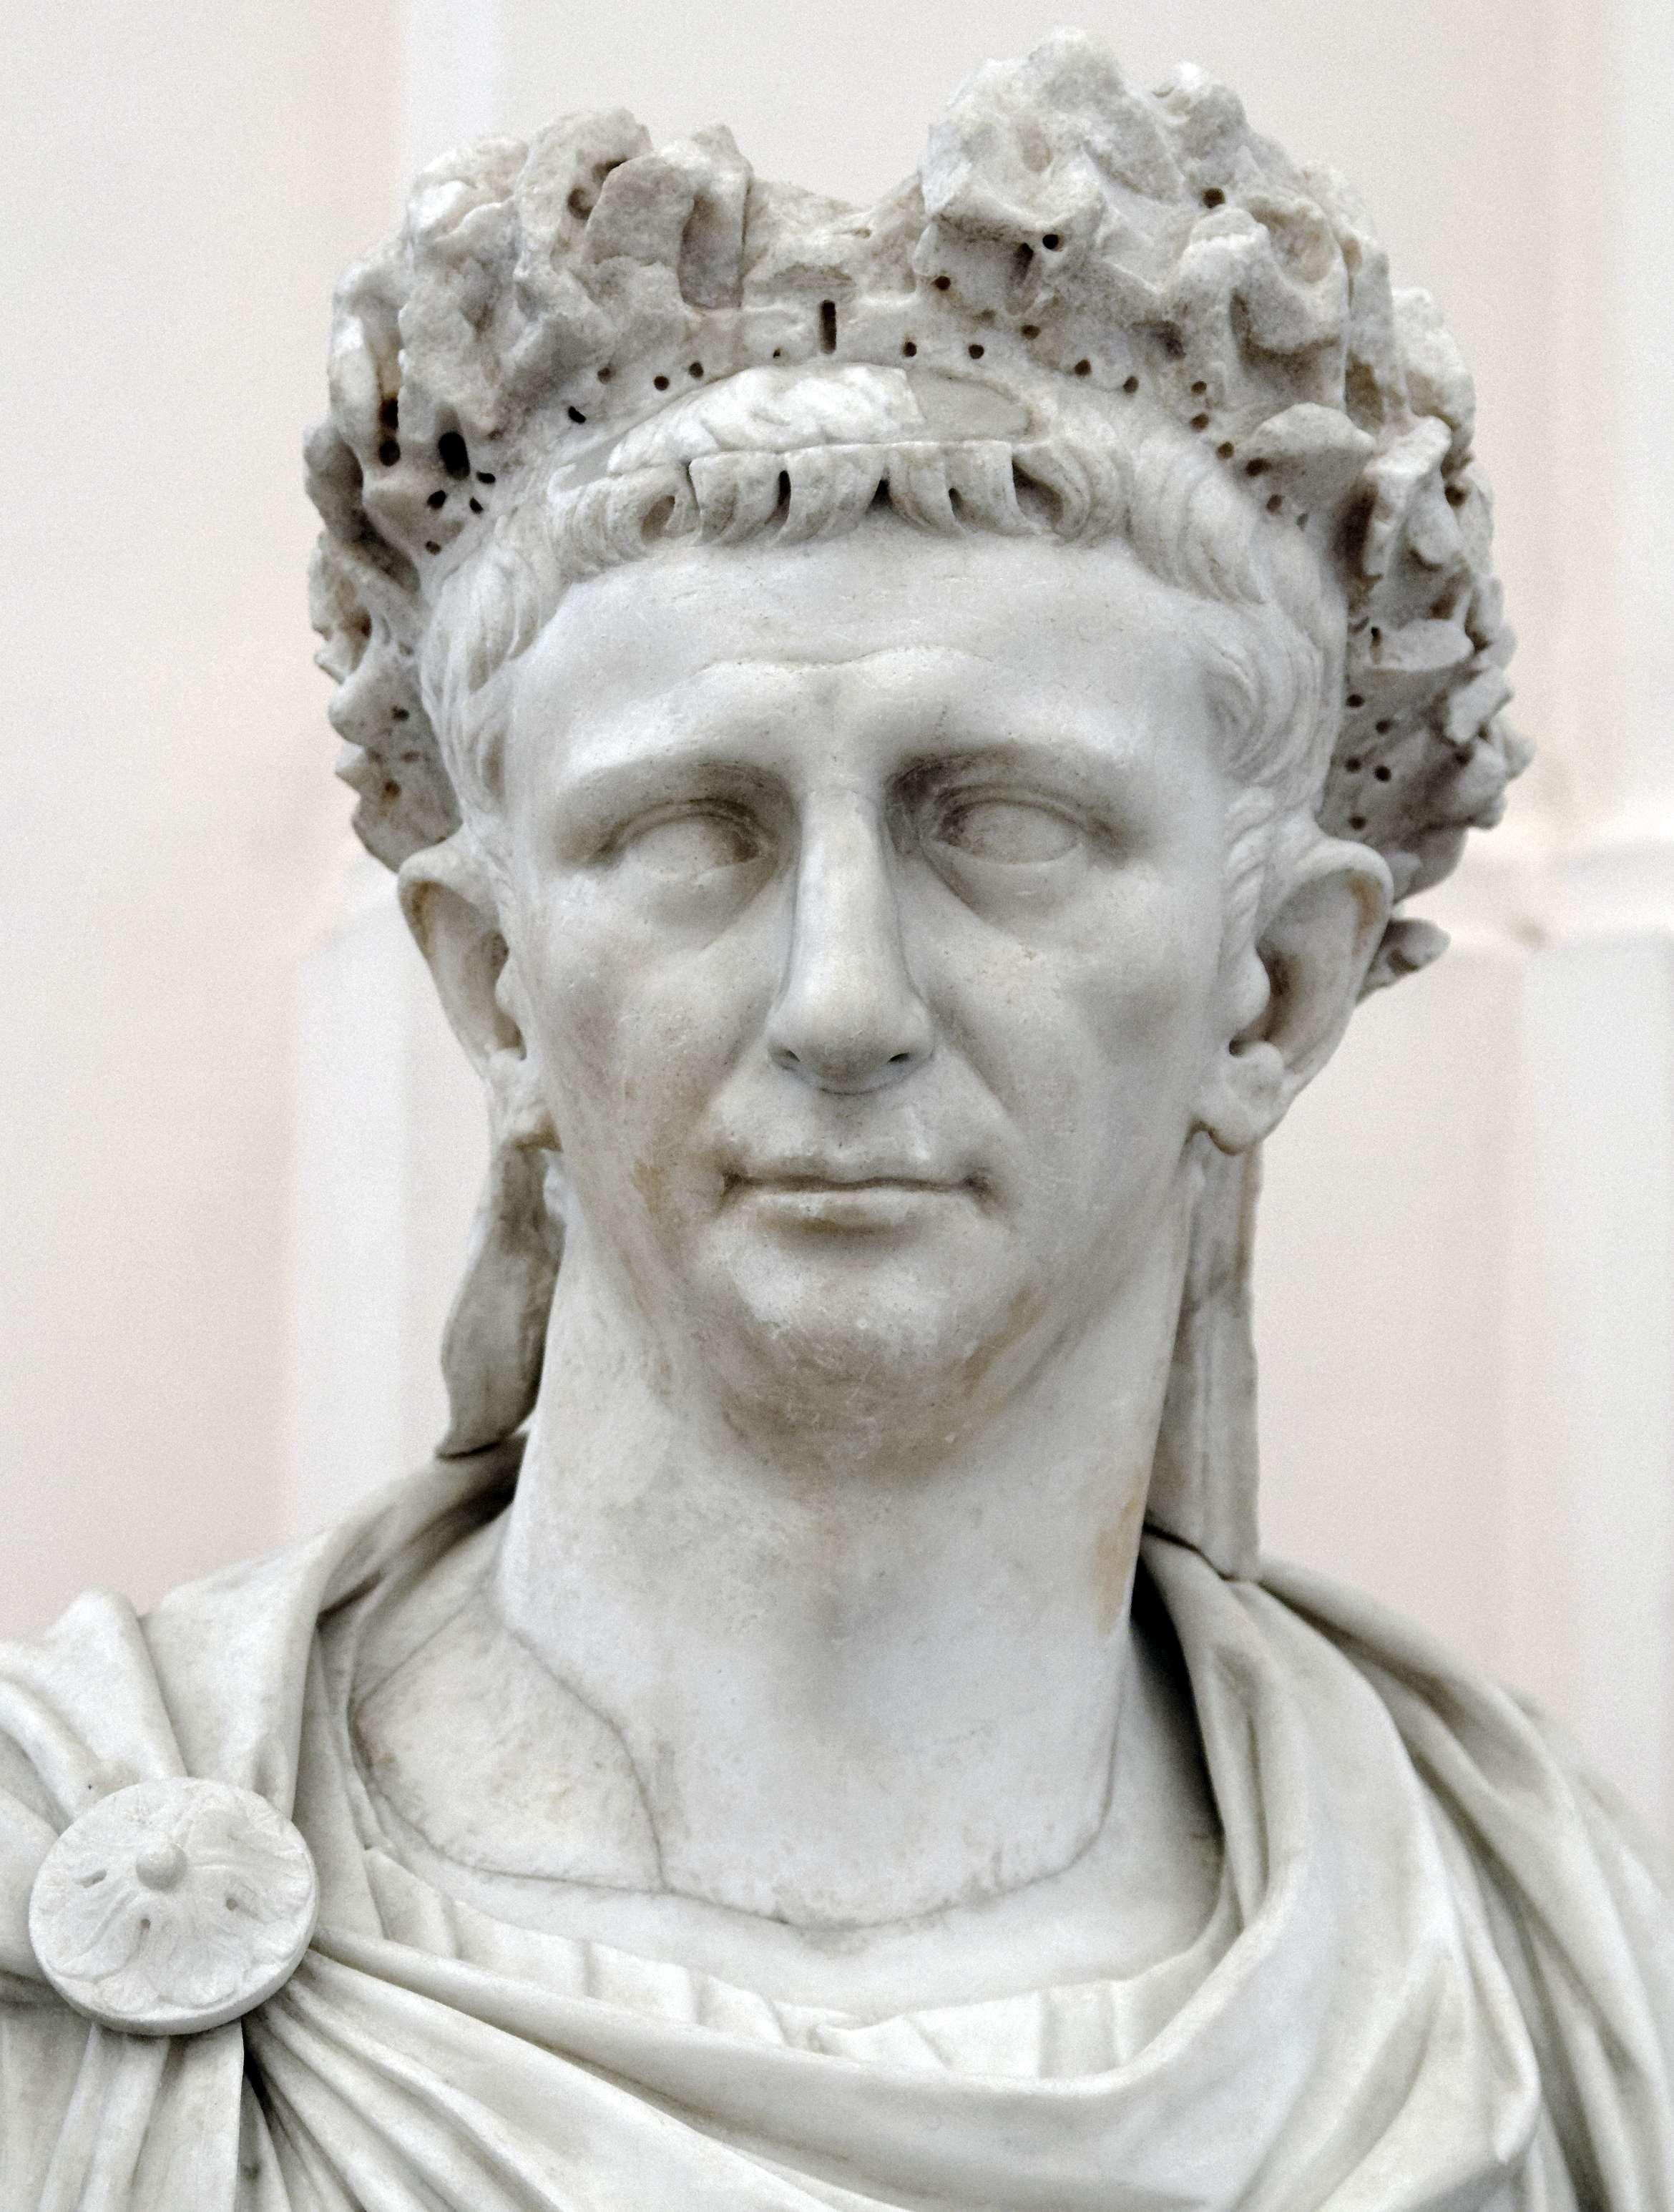 Ο Τιβέριος Κλαύδιος Καίσαρας Αύγουστος Γερμανικός (Tiberius Claudius Caesar Augustus Germanicus, 1 Αυγούστου 10 π.Χ. – 13 Οκτωβρίου 54) ήταν Ρωμαίος αυτοκράτoρας από το 41 έως το 54. Μέλος της Ιουλιο-κλαυδιανής Δυναστείας, ήταν γιος του Δρούσου και της Αντωνίας της Νεότερης.